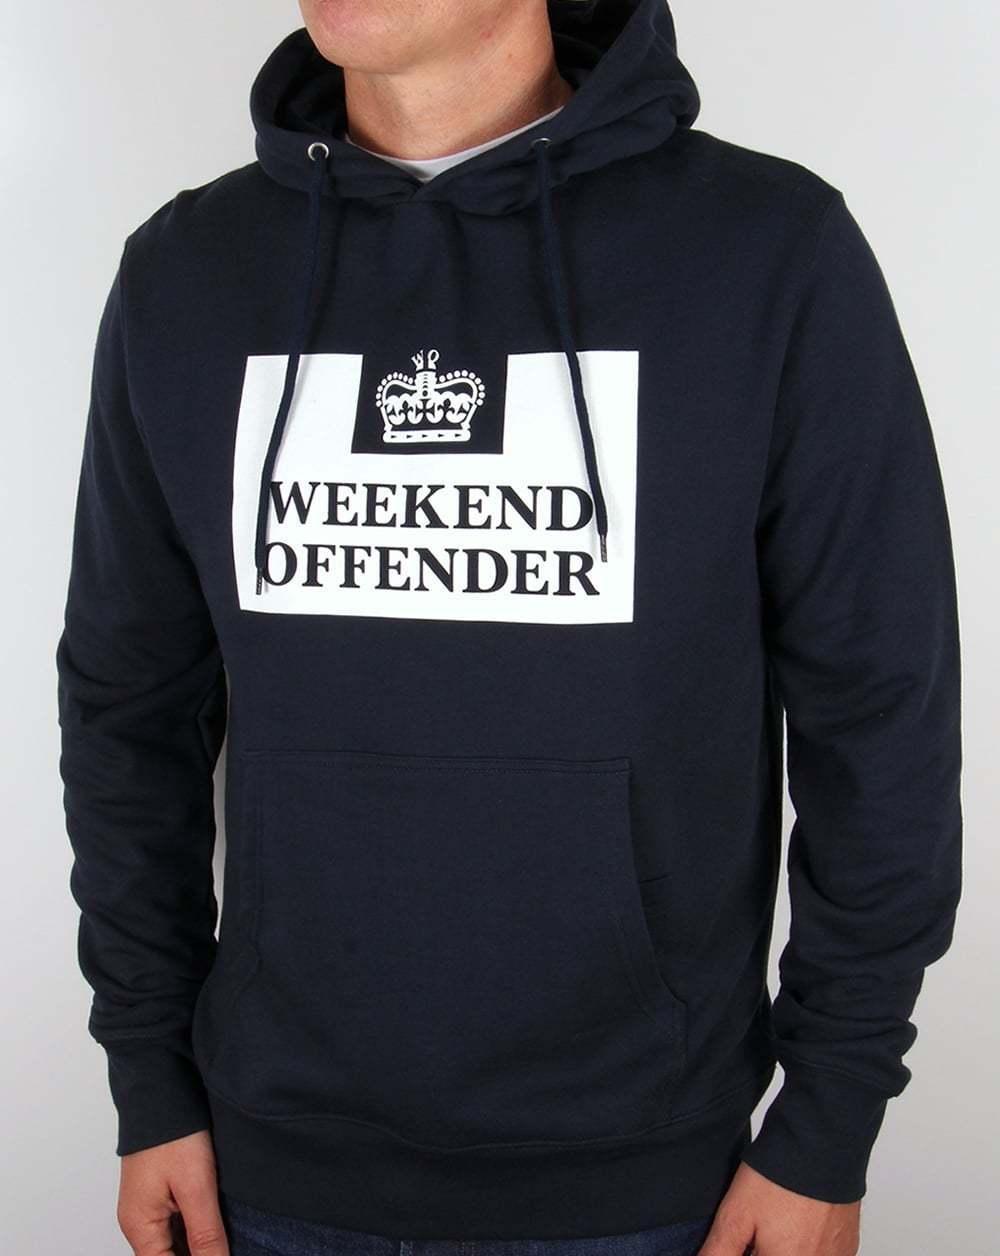 Weekend Offender-Hm Servizio Felpa Con Cappuccio Classico in Blu Navy